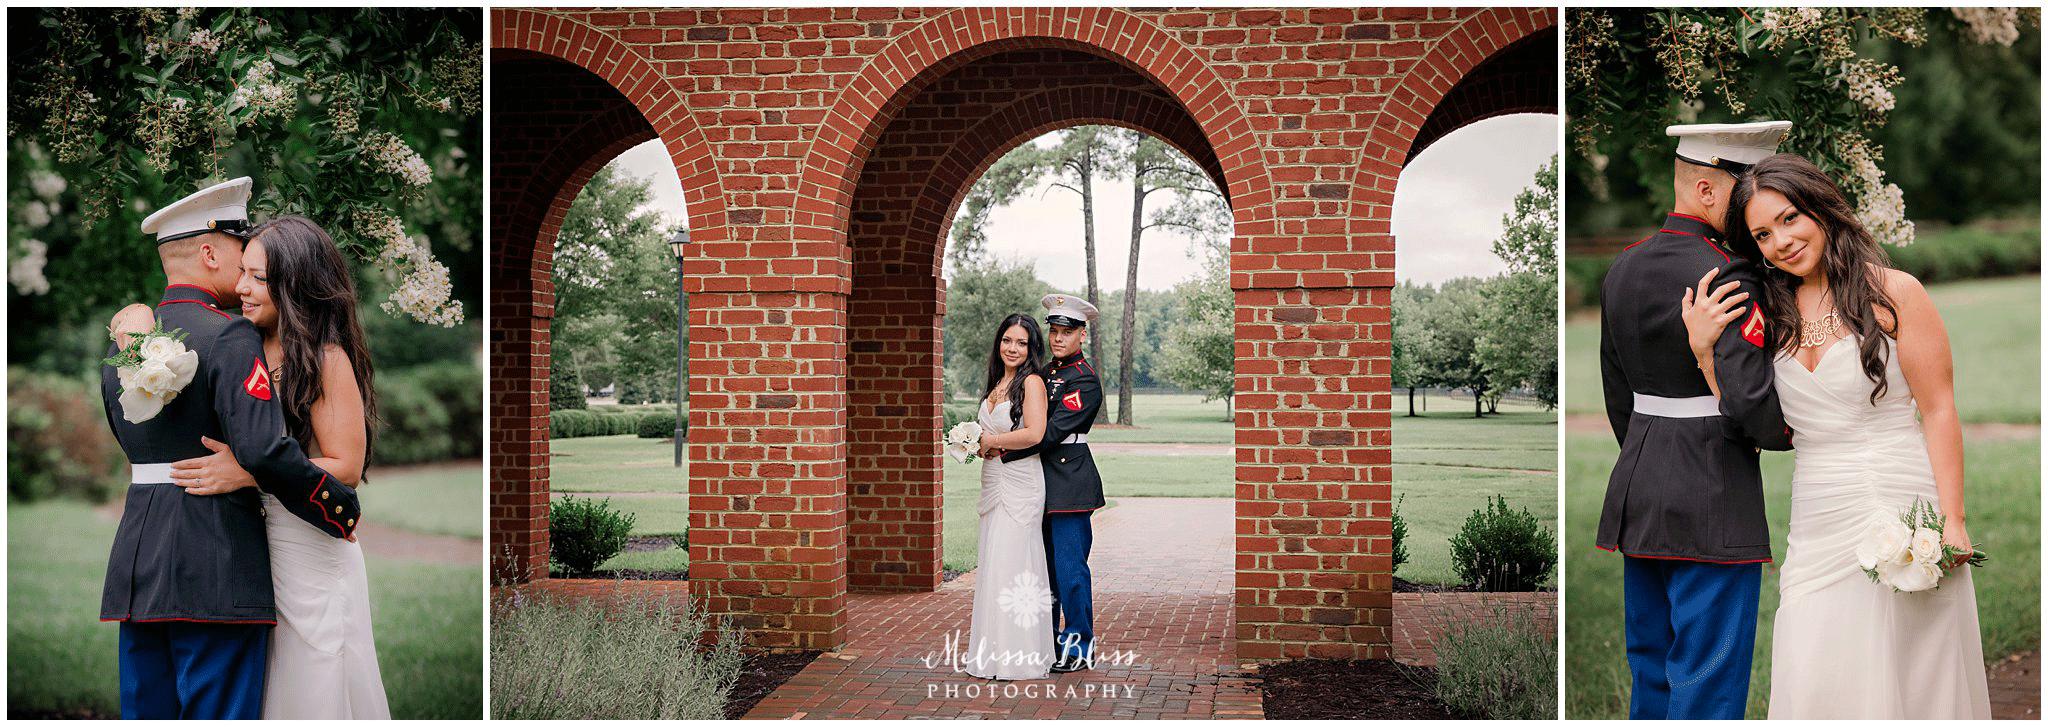 virginia-beach-top-wedding-photographers-norfolk-portsmouth-cheasapeake-williamsburg-elopement-photography-melissa-bliss-photography